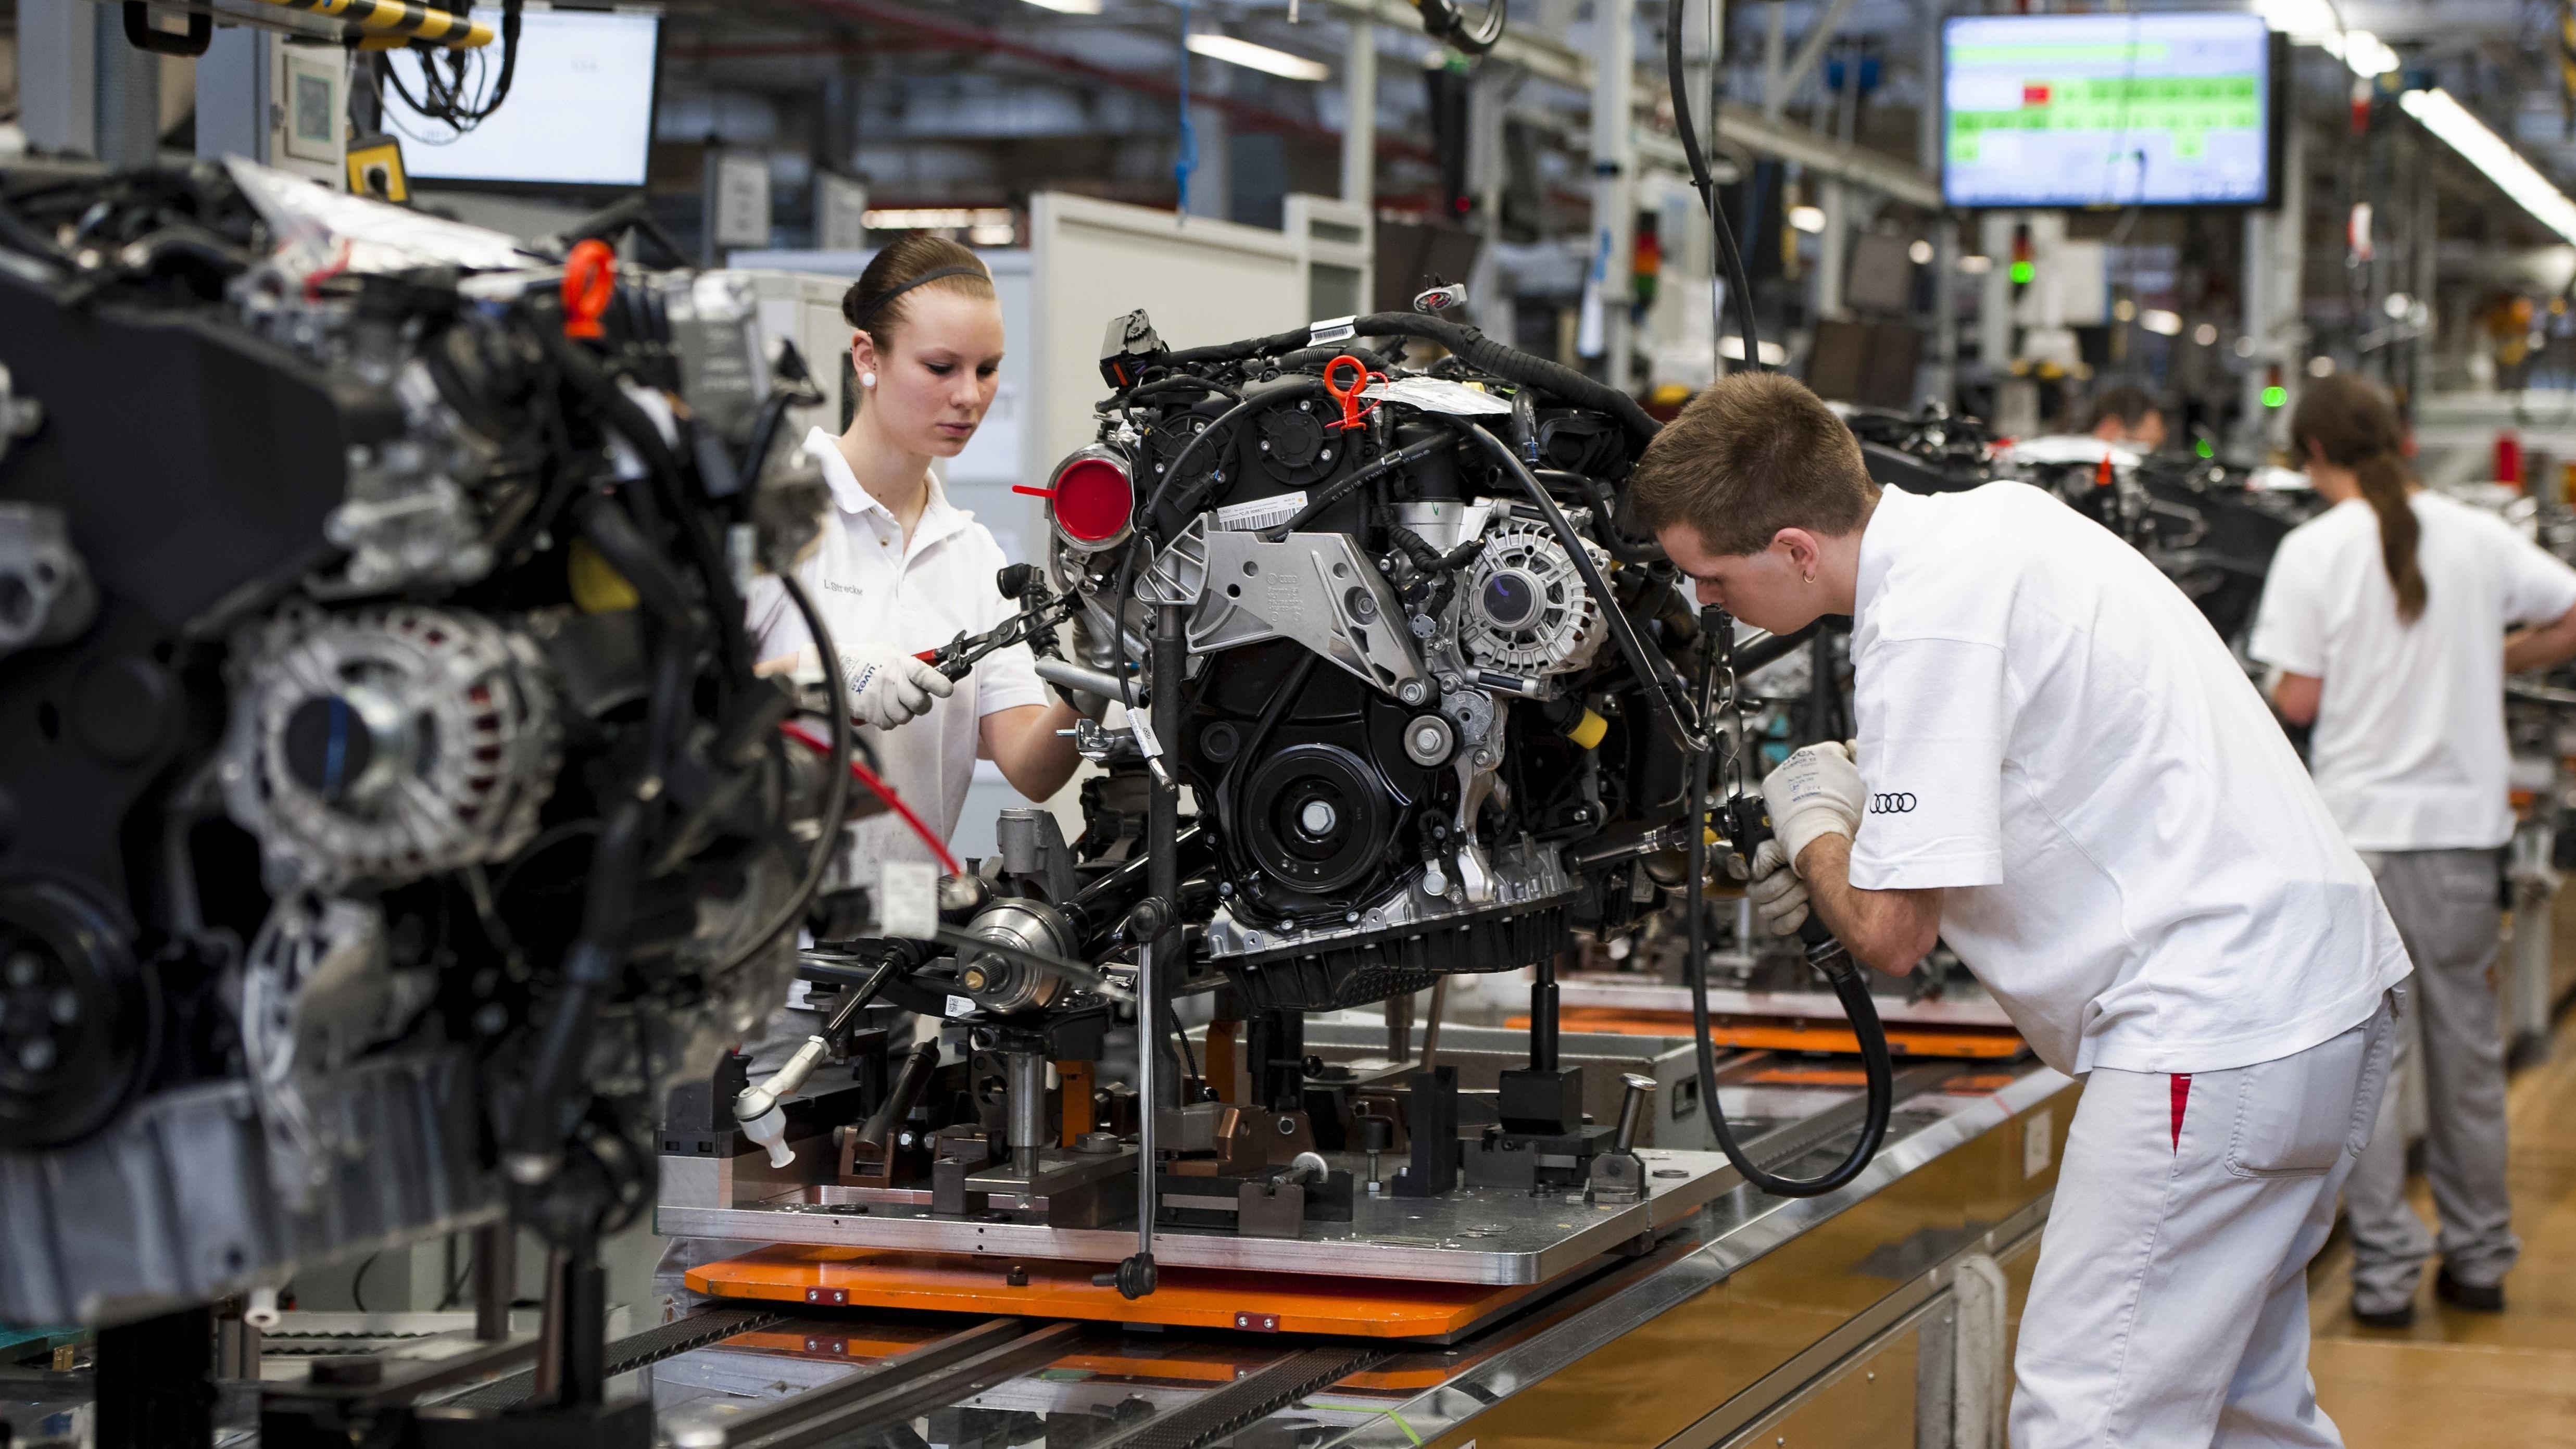 Eine Frau und ein Mann arbeiten an der Fertigungslinie für den Audi A3 im Audi Werk in Ingolstadt.